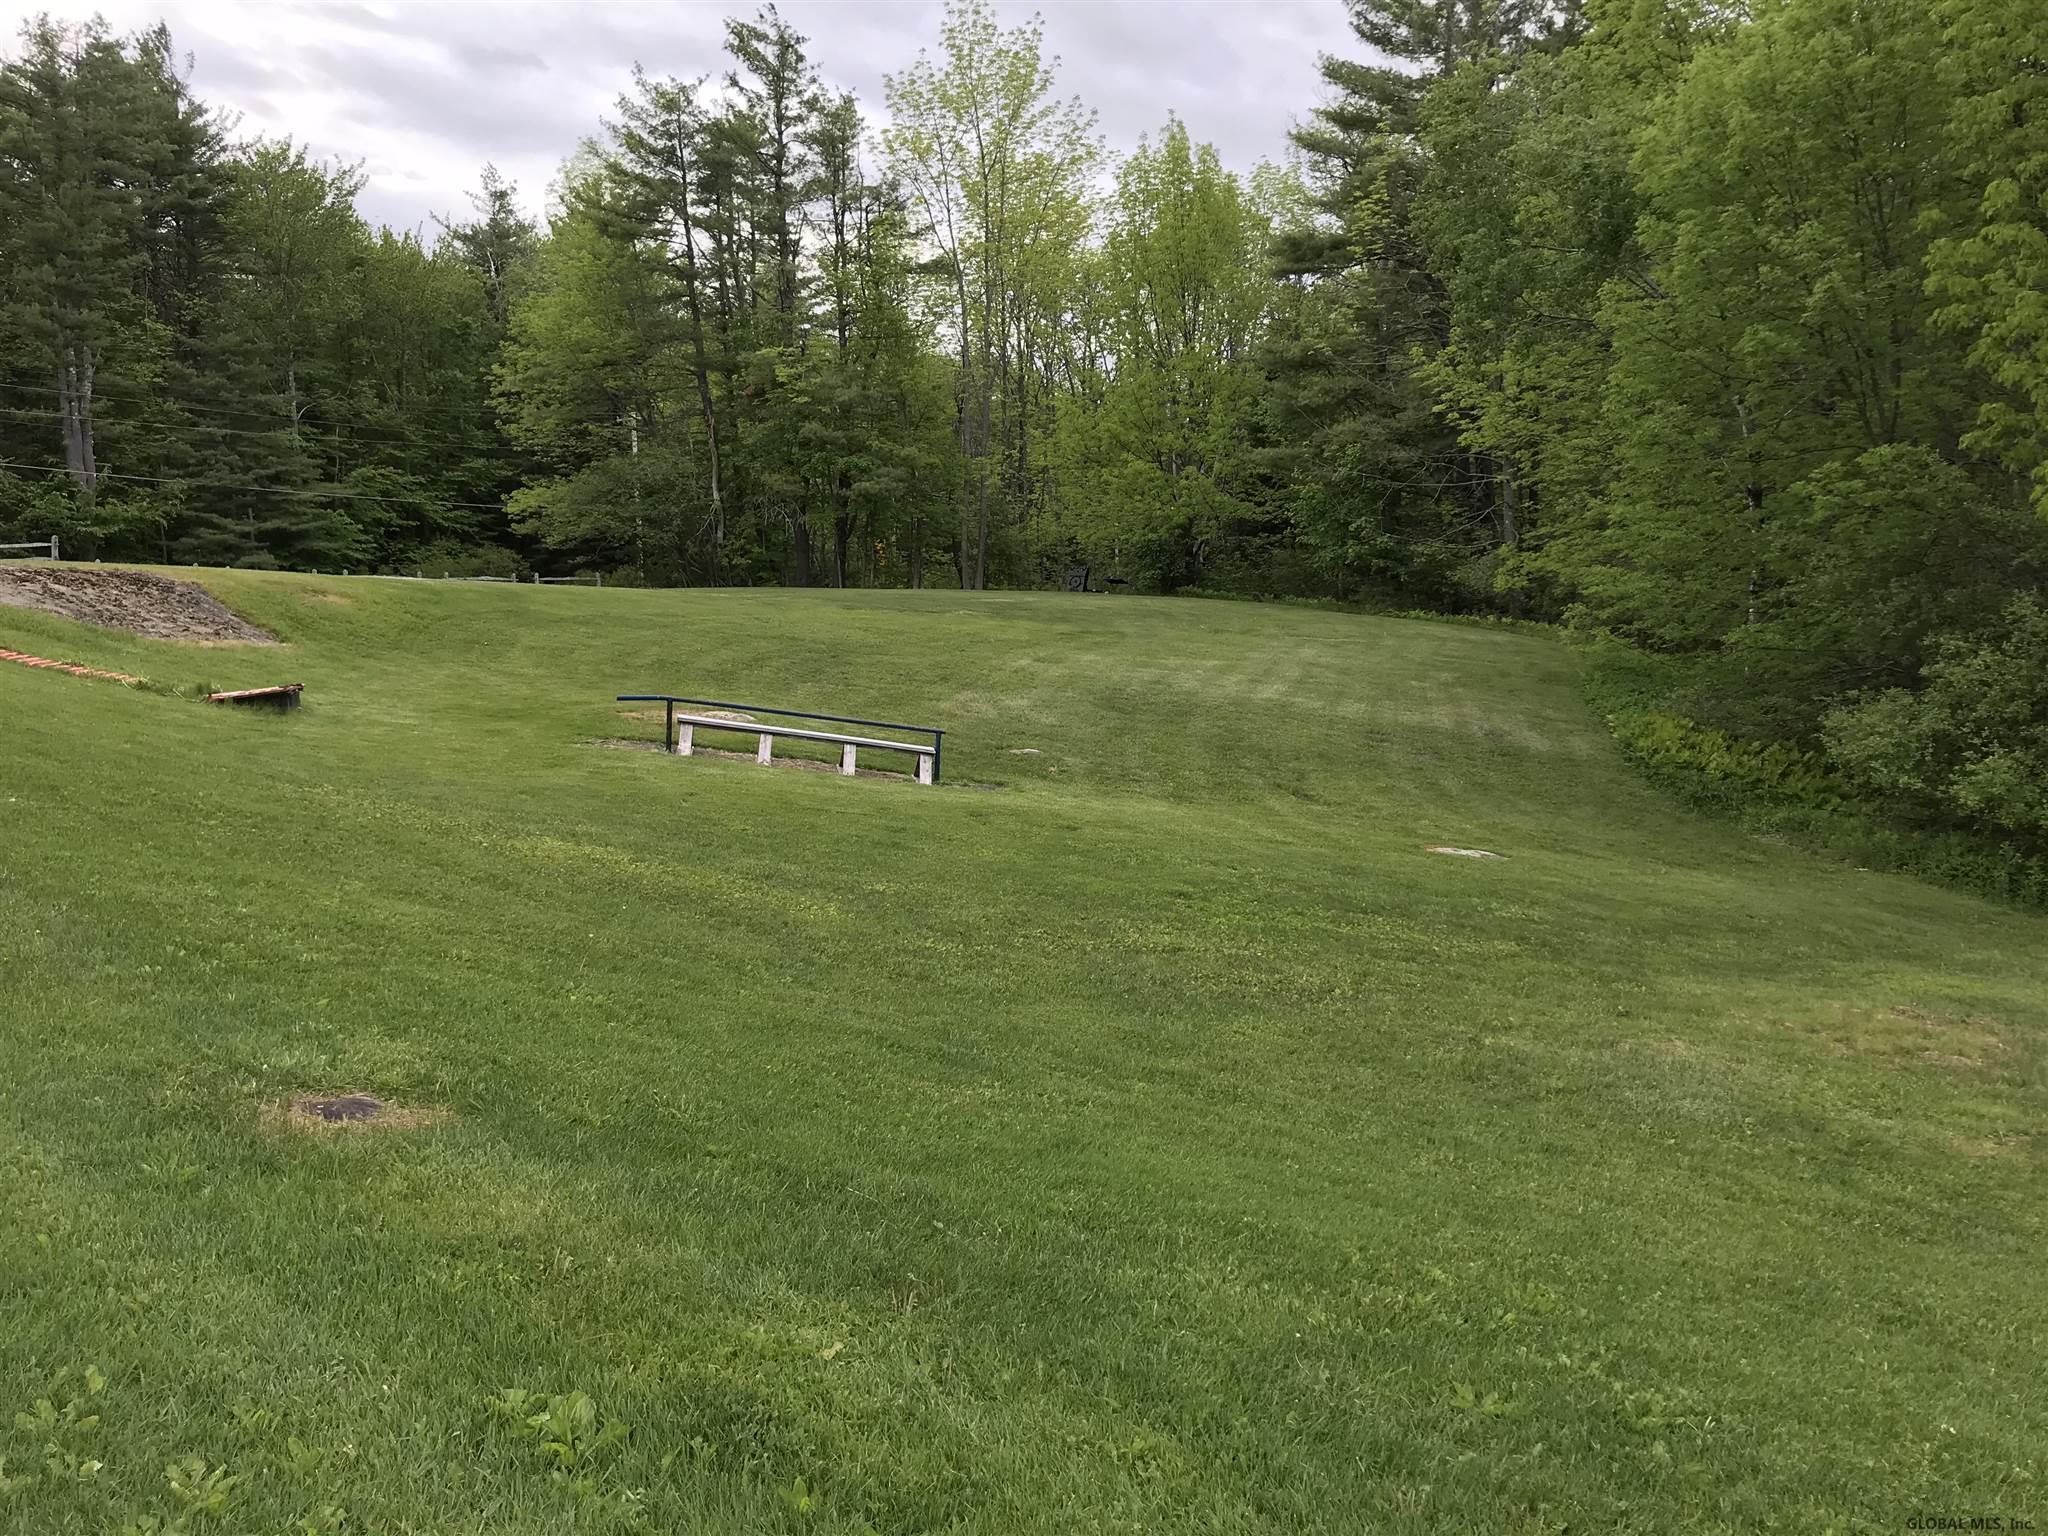 Gloversville image 51